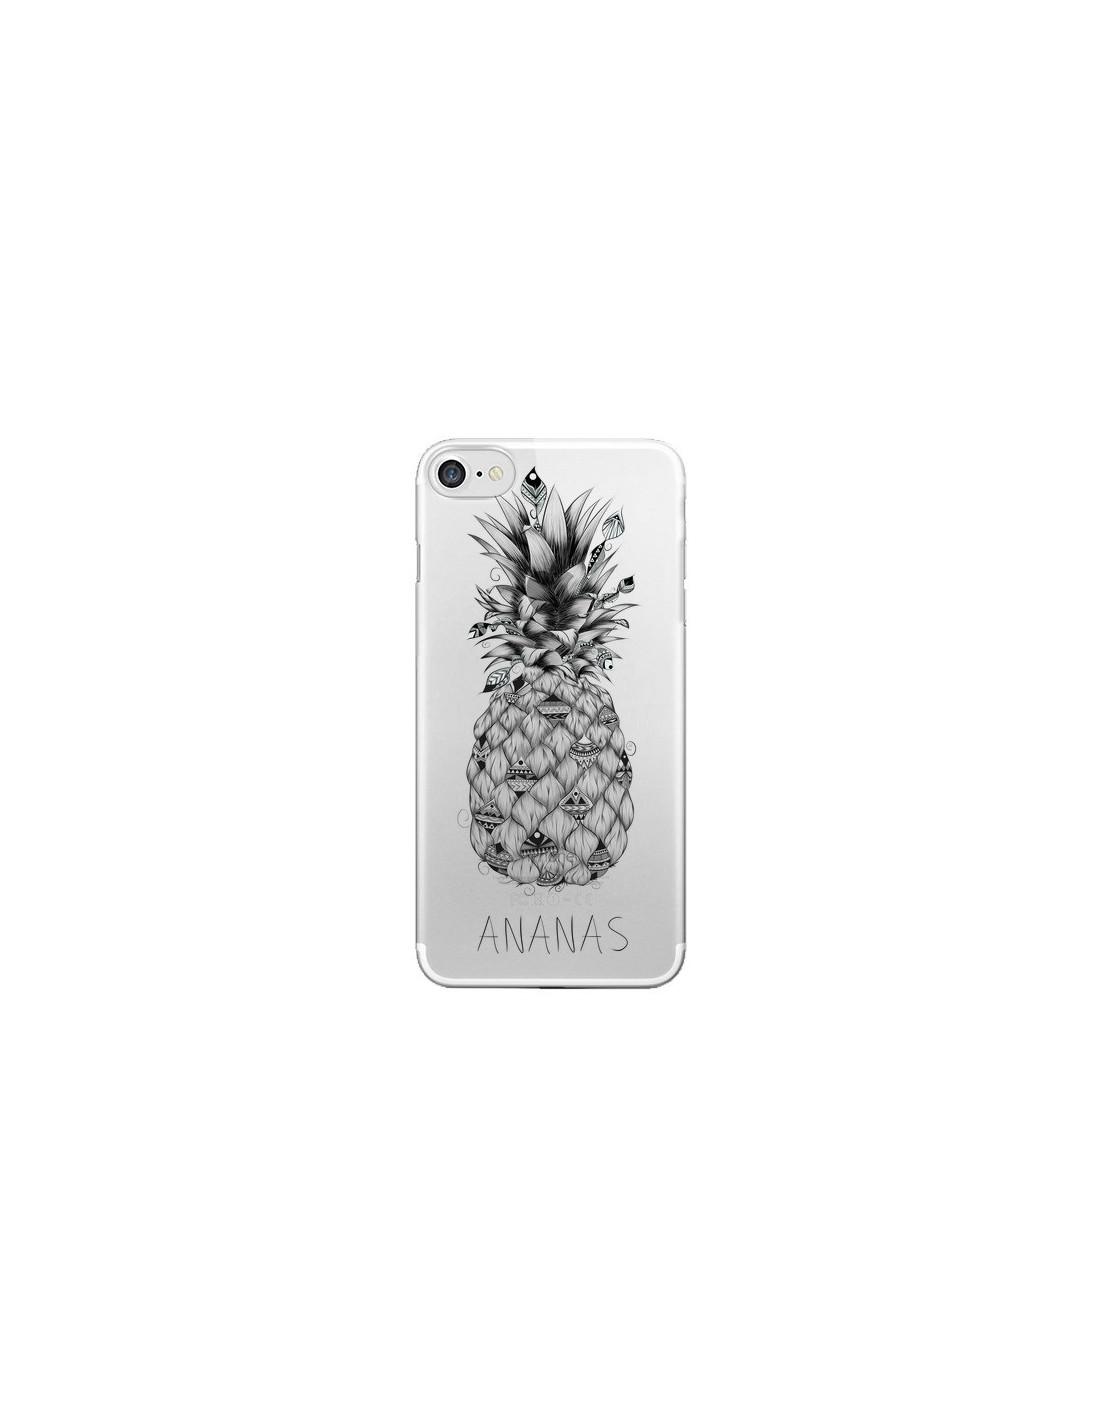 coque iphone 7 8 se 2020 ananas fruit transparente loujah